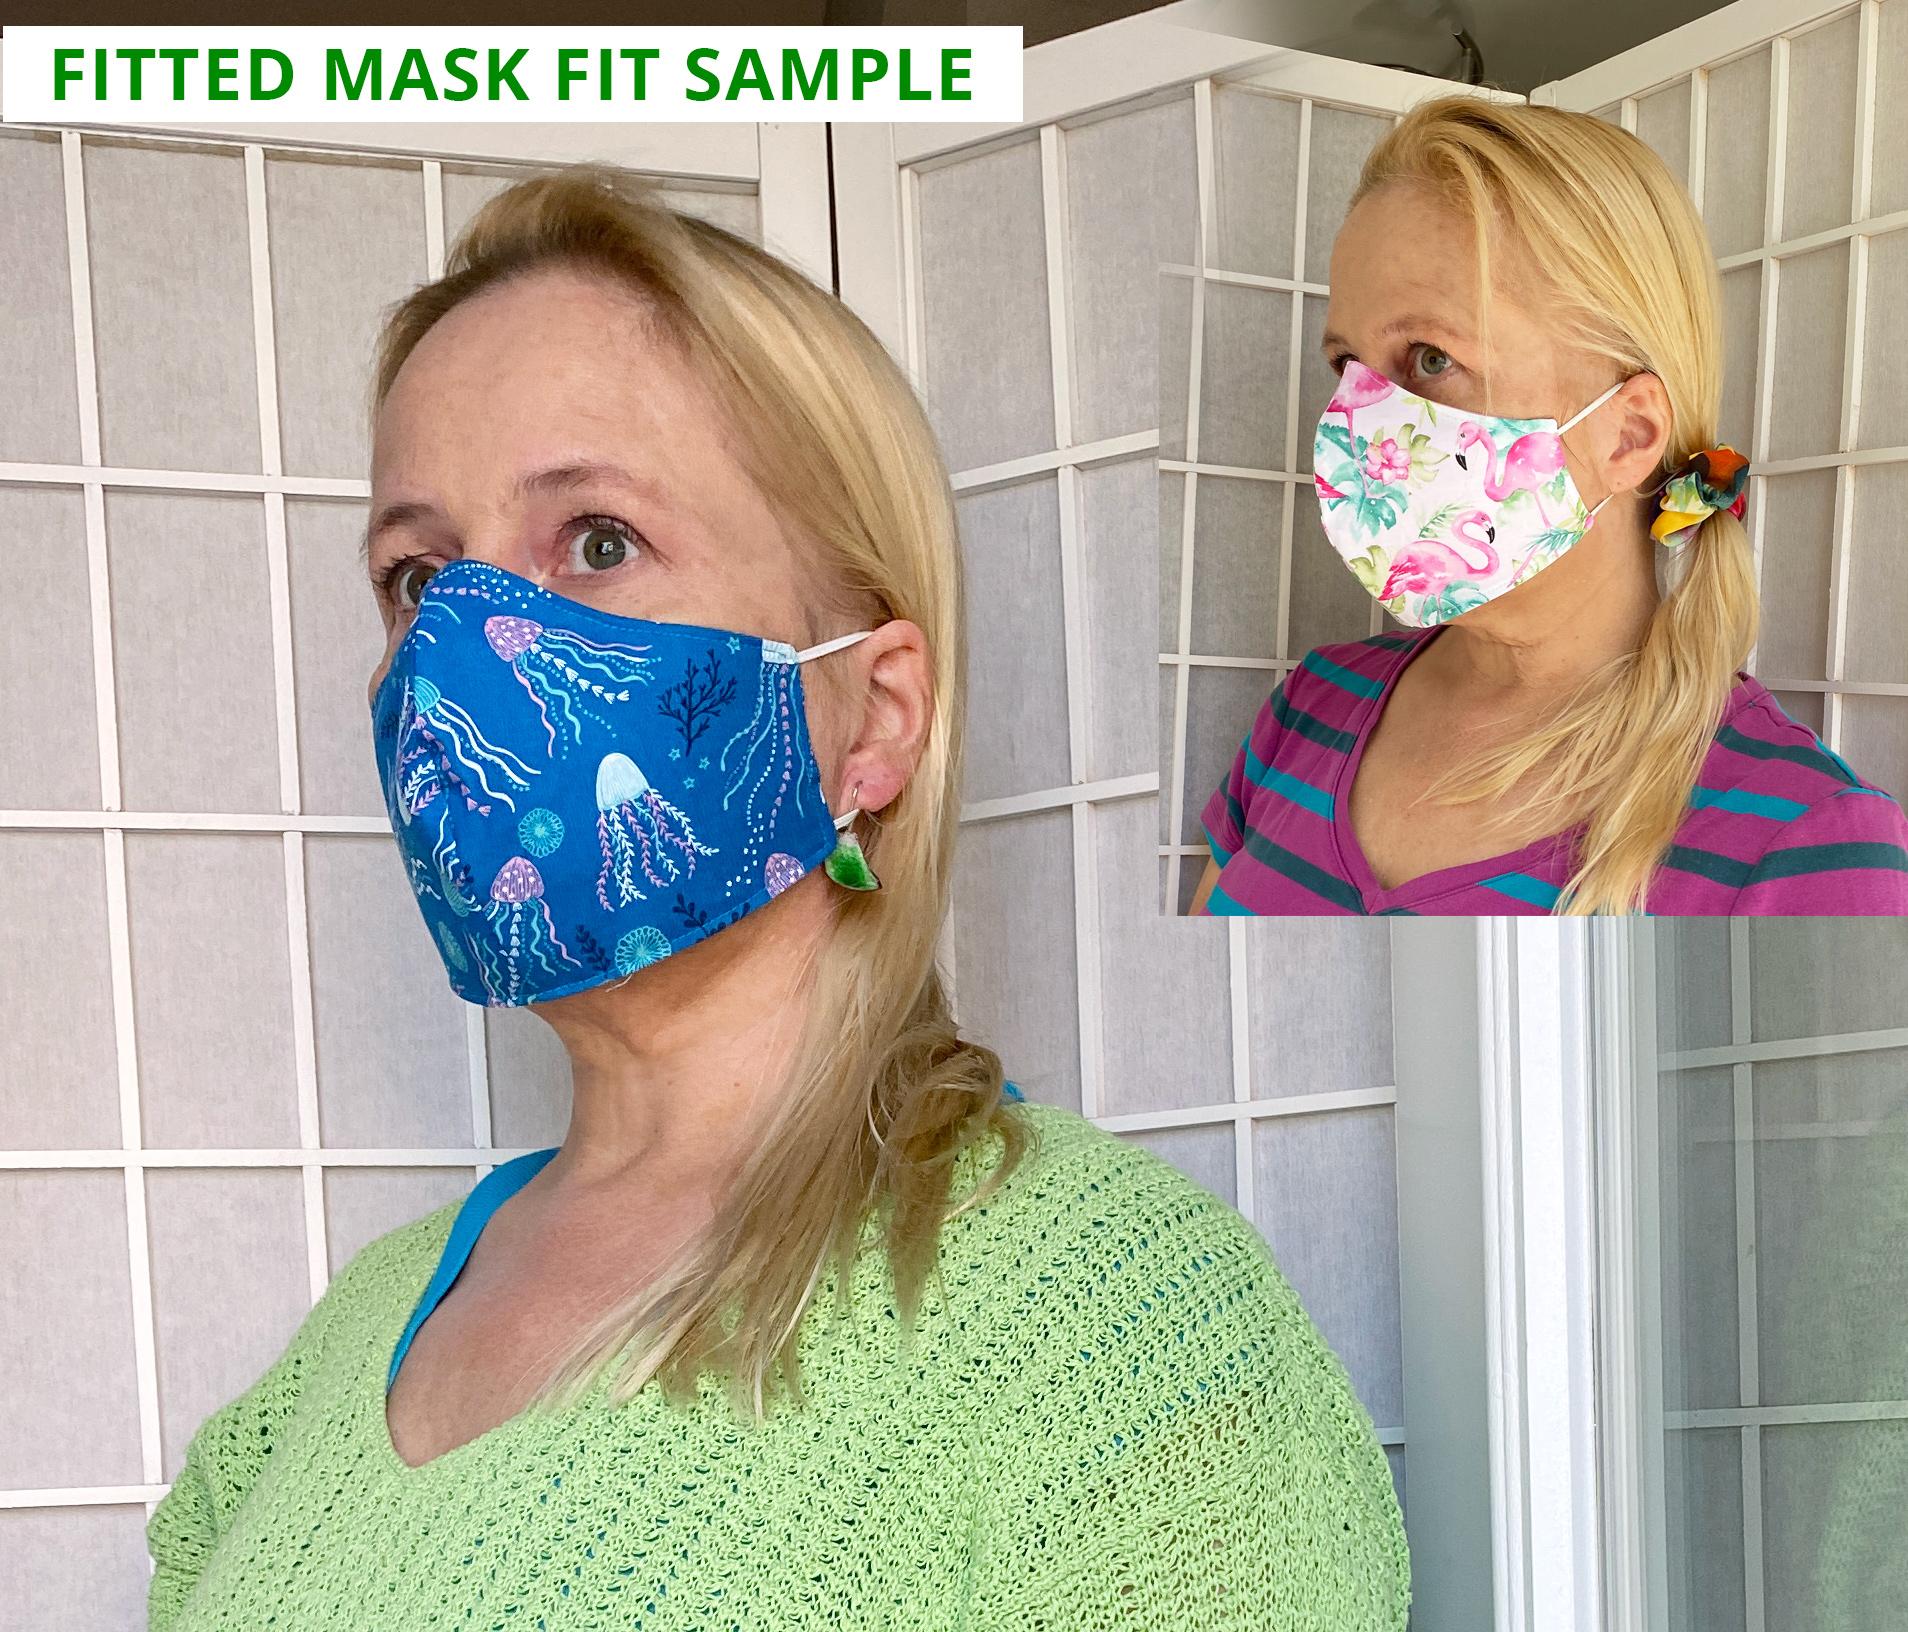 sandpiper face mask fit sample